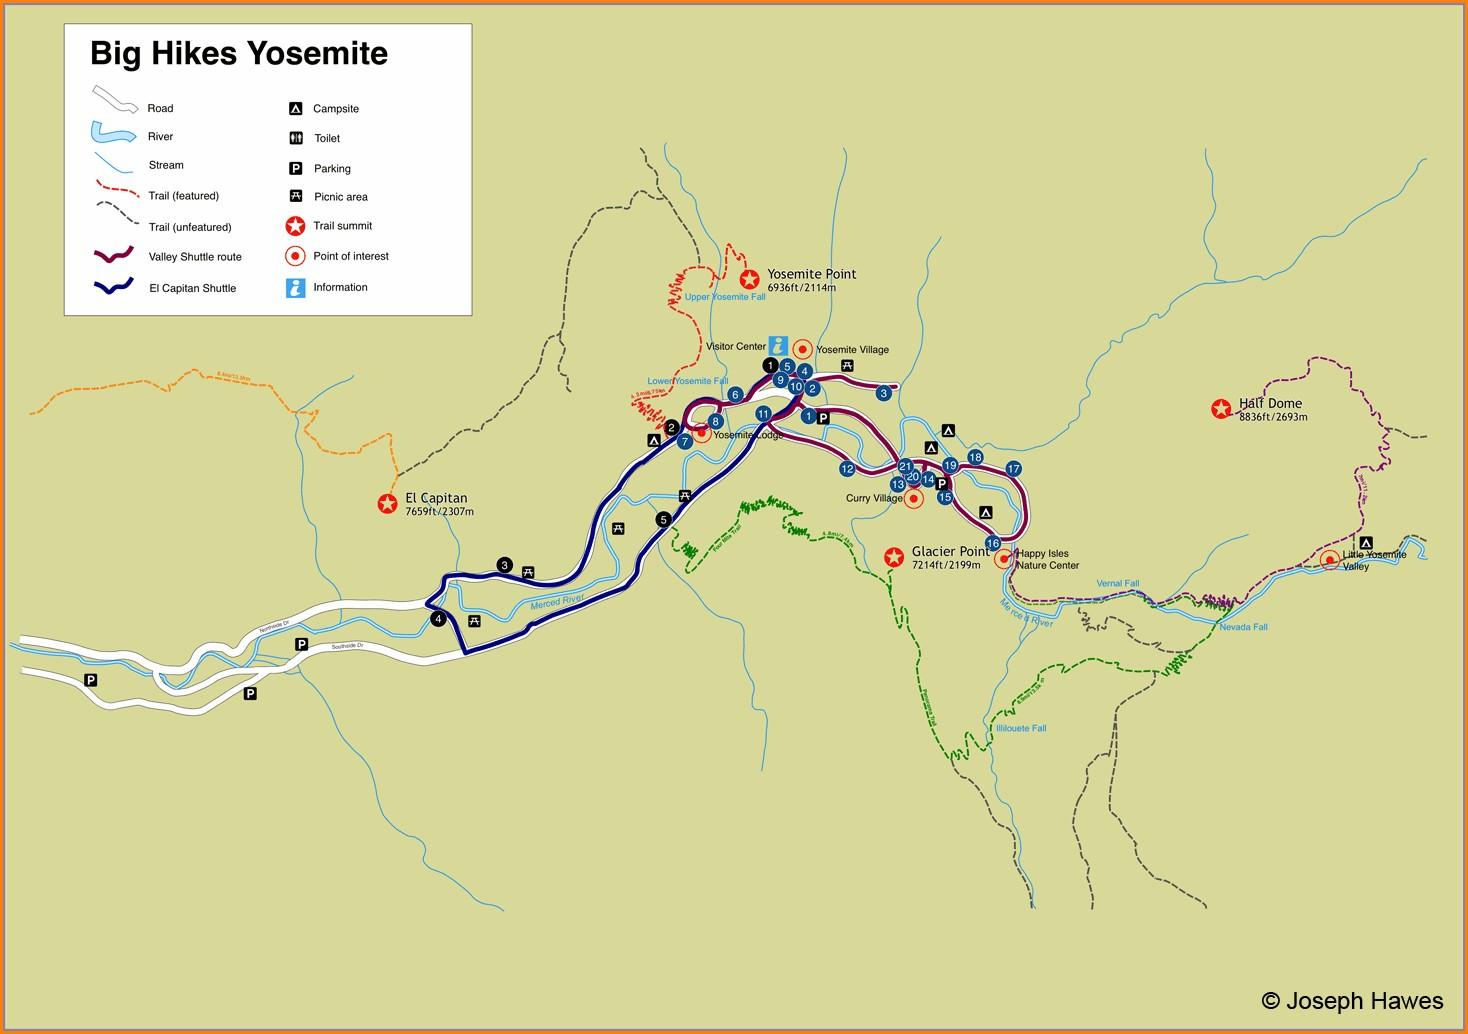 El Capitan Yosemite Trail Map